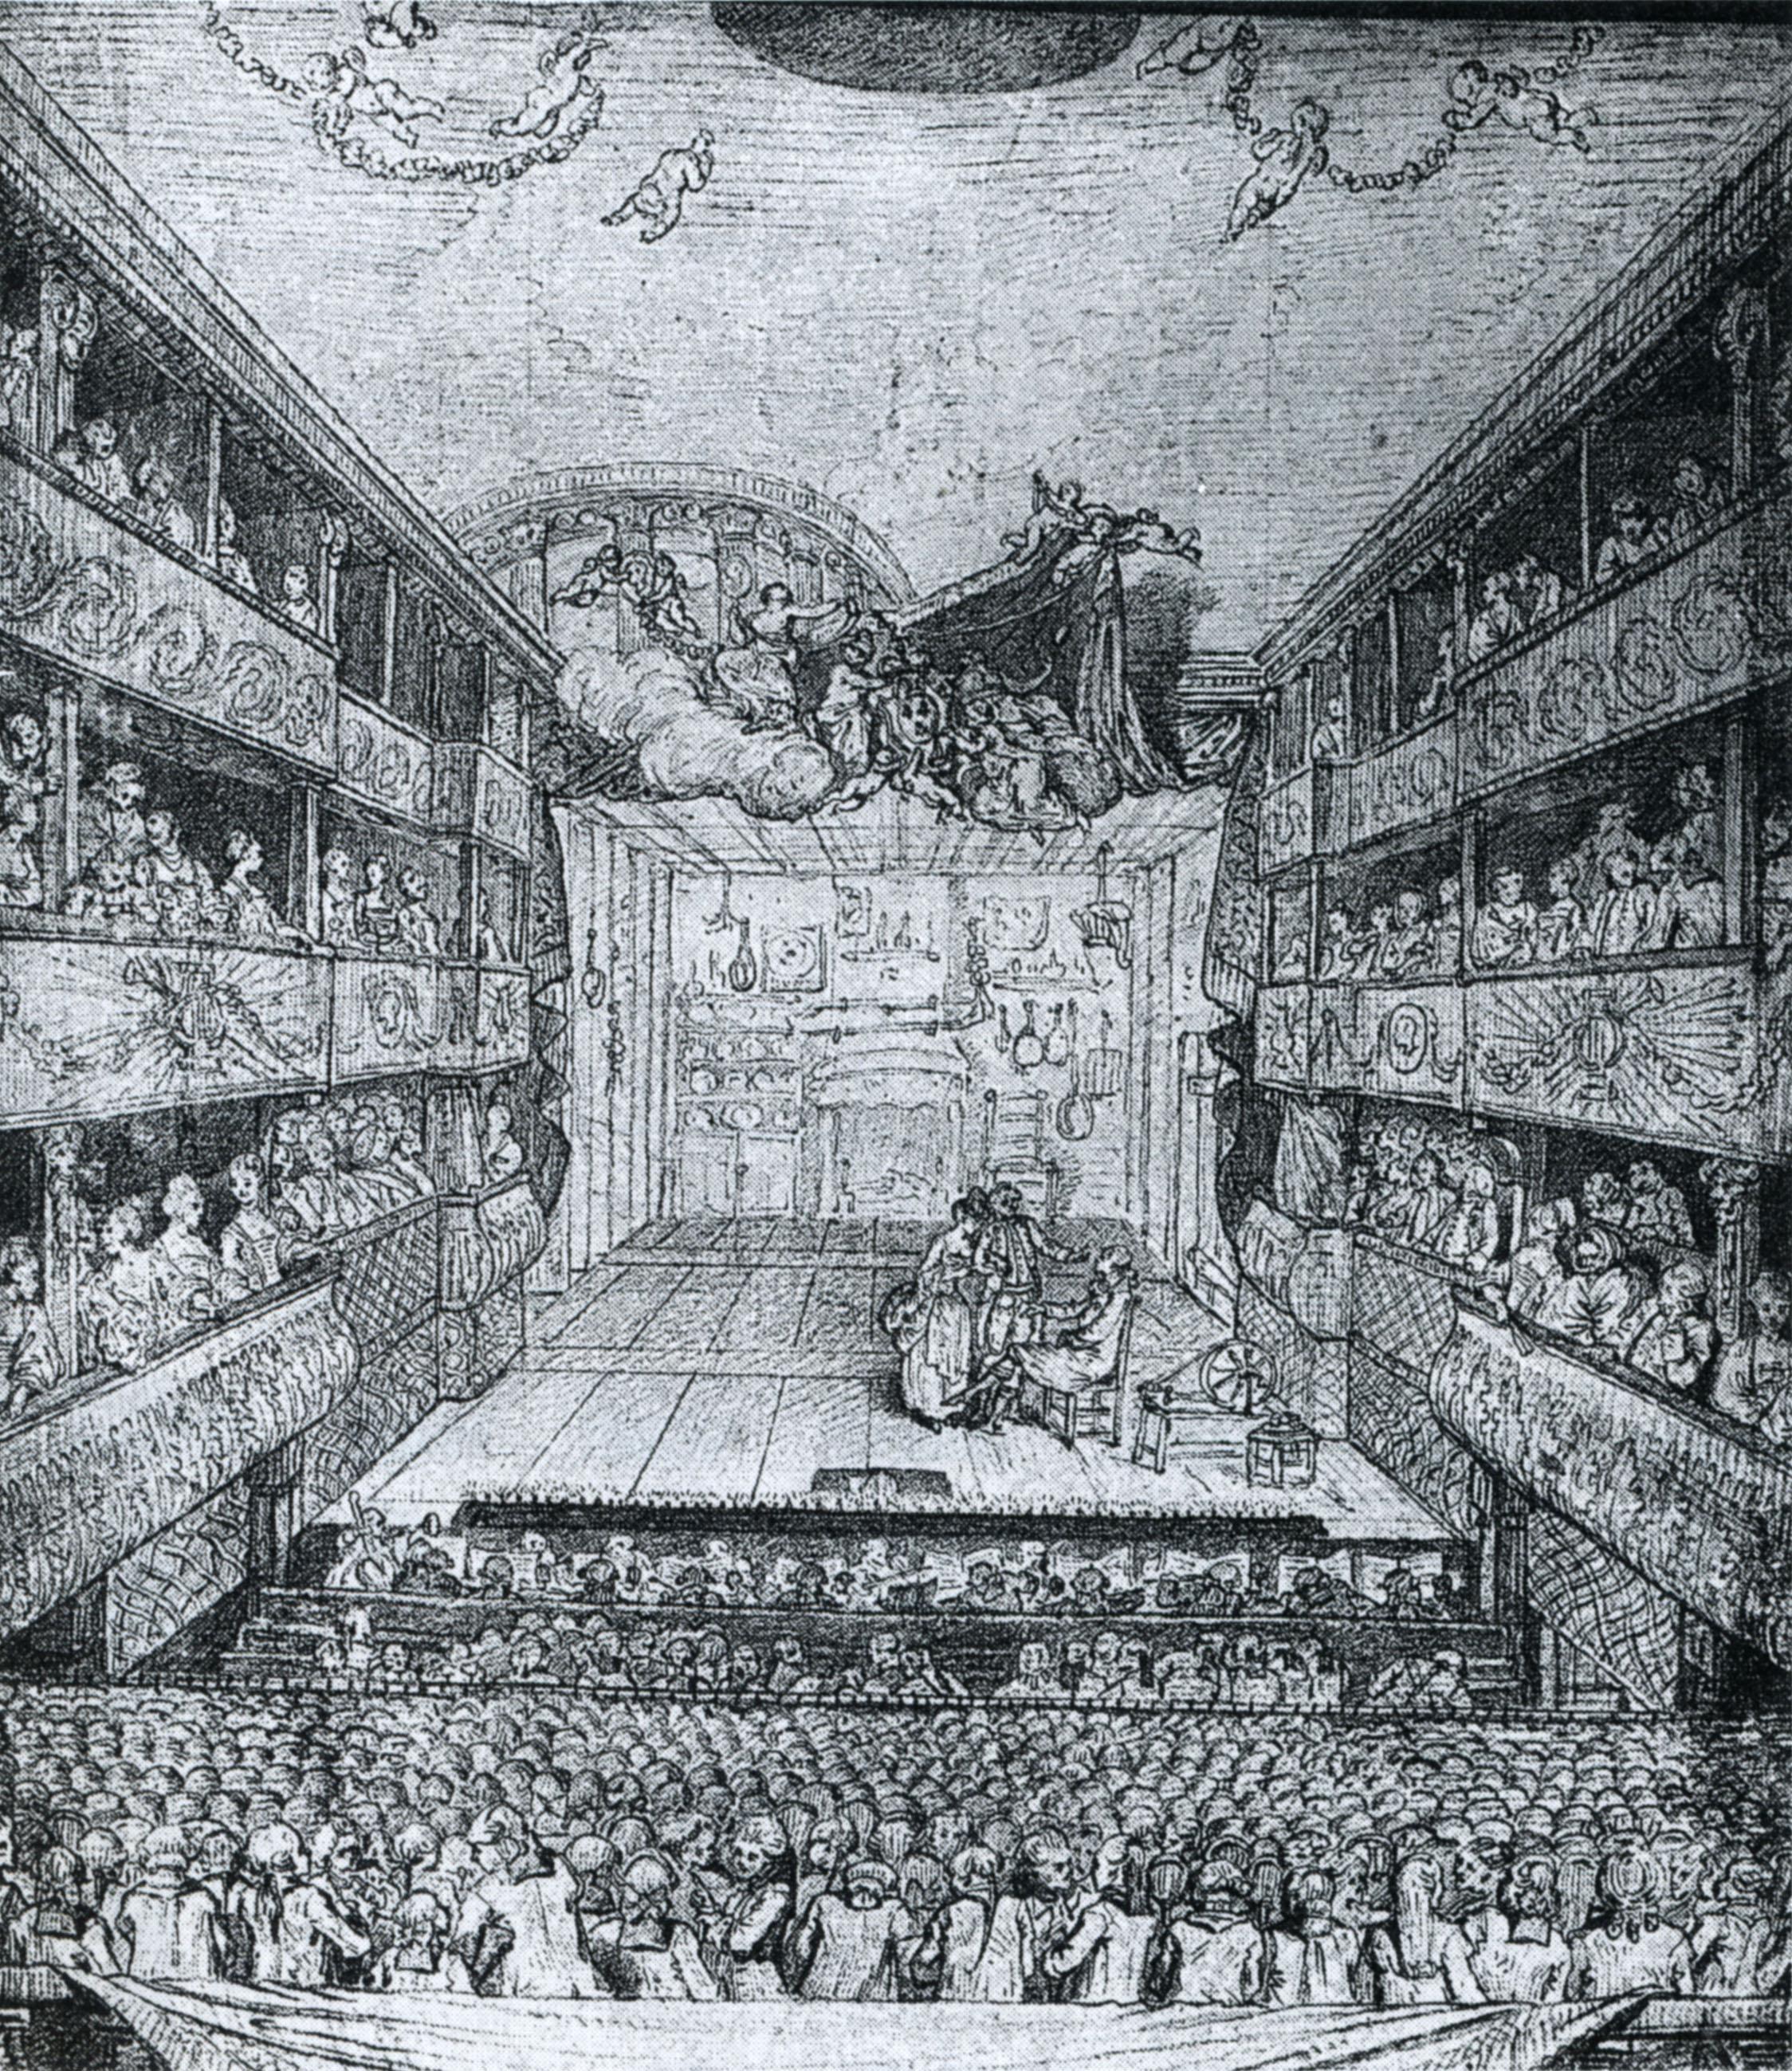 théâtre de l'hôtel de bourgogne